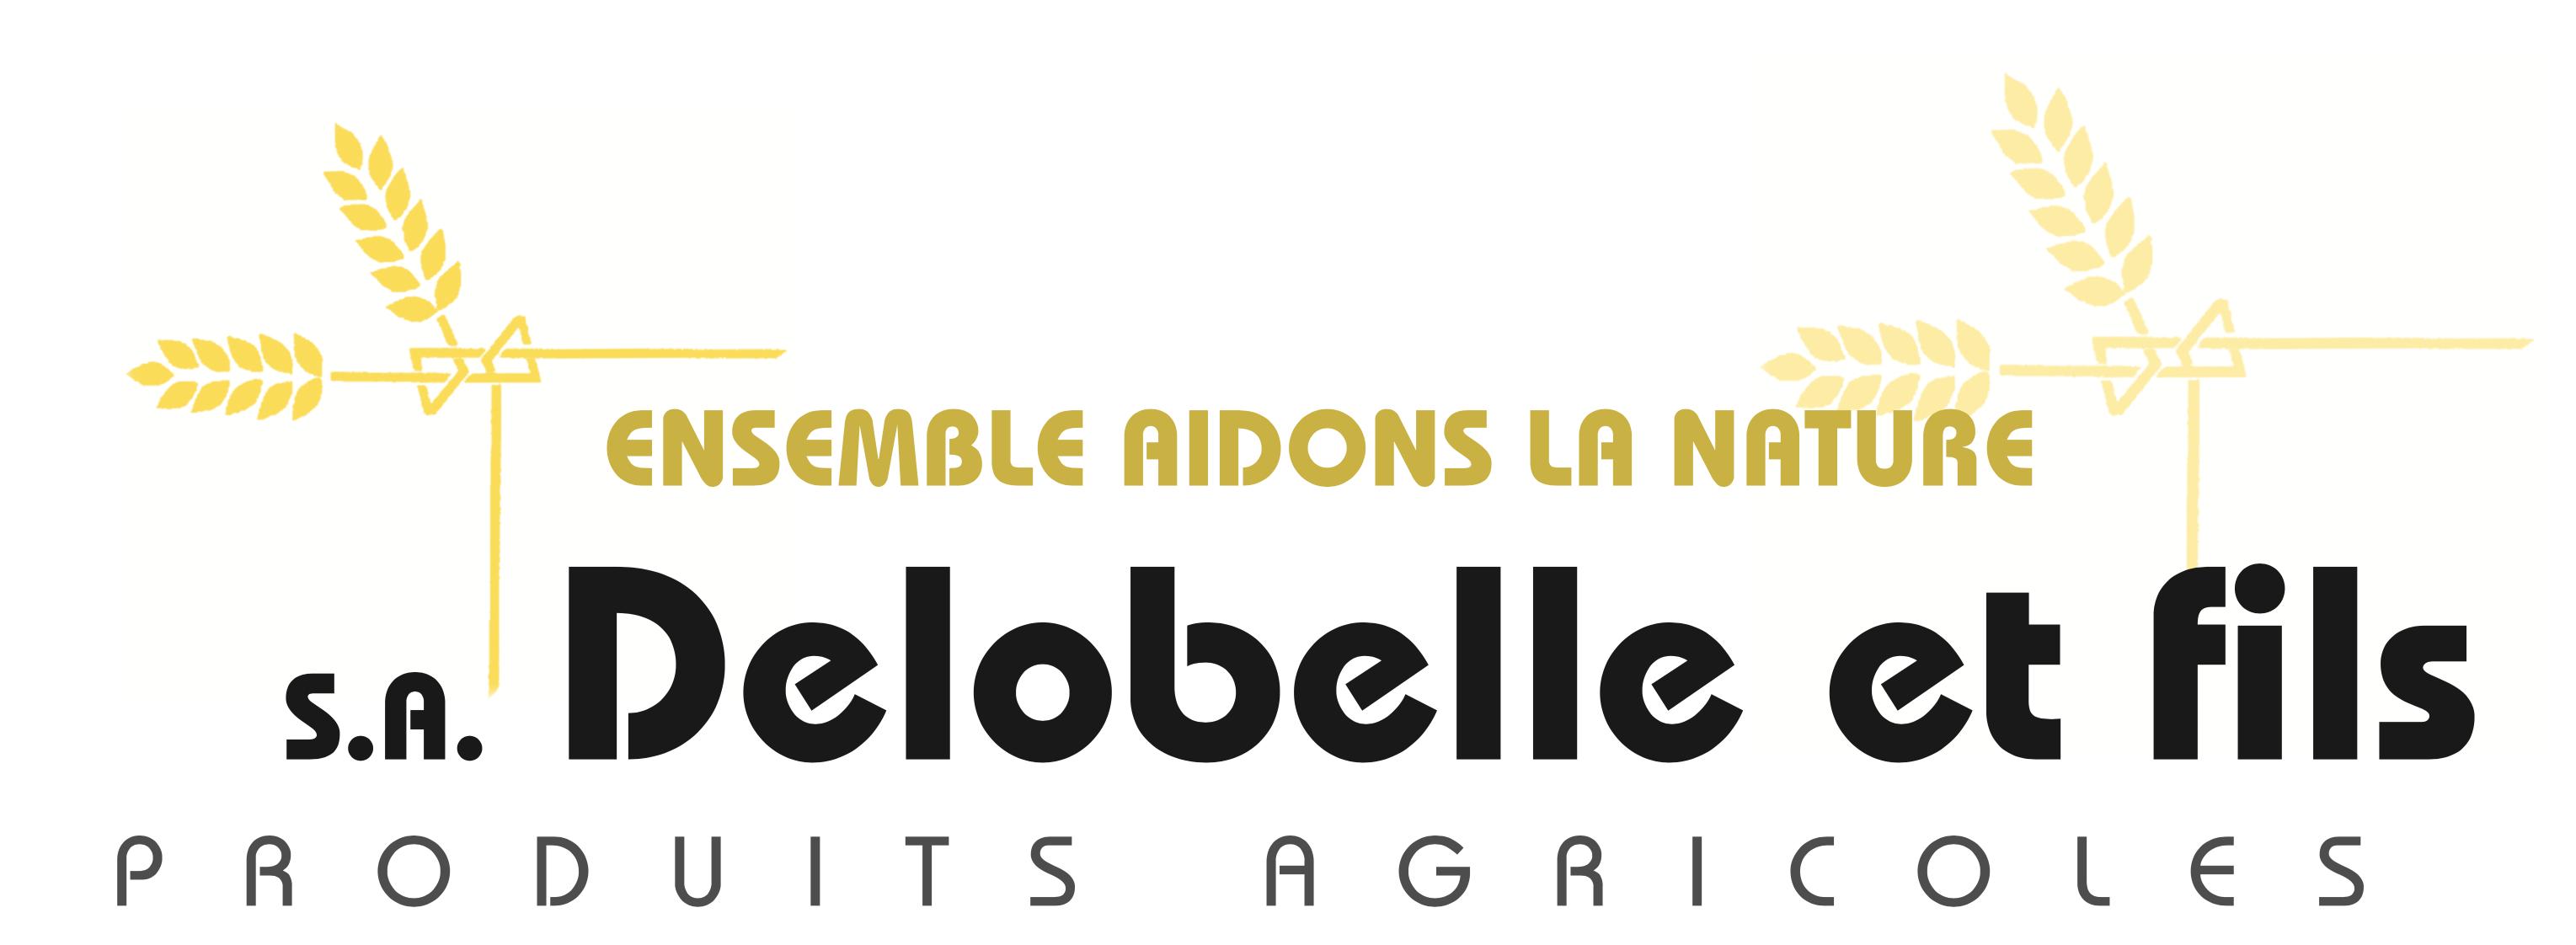 Delobelle-et-fils